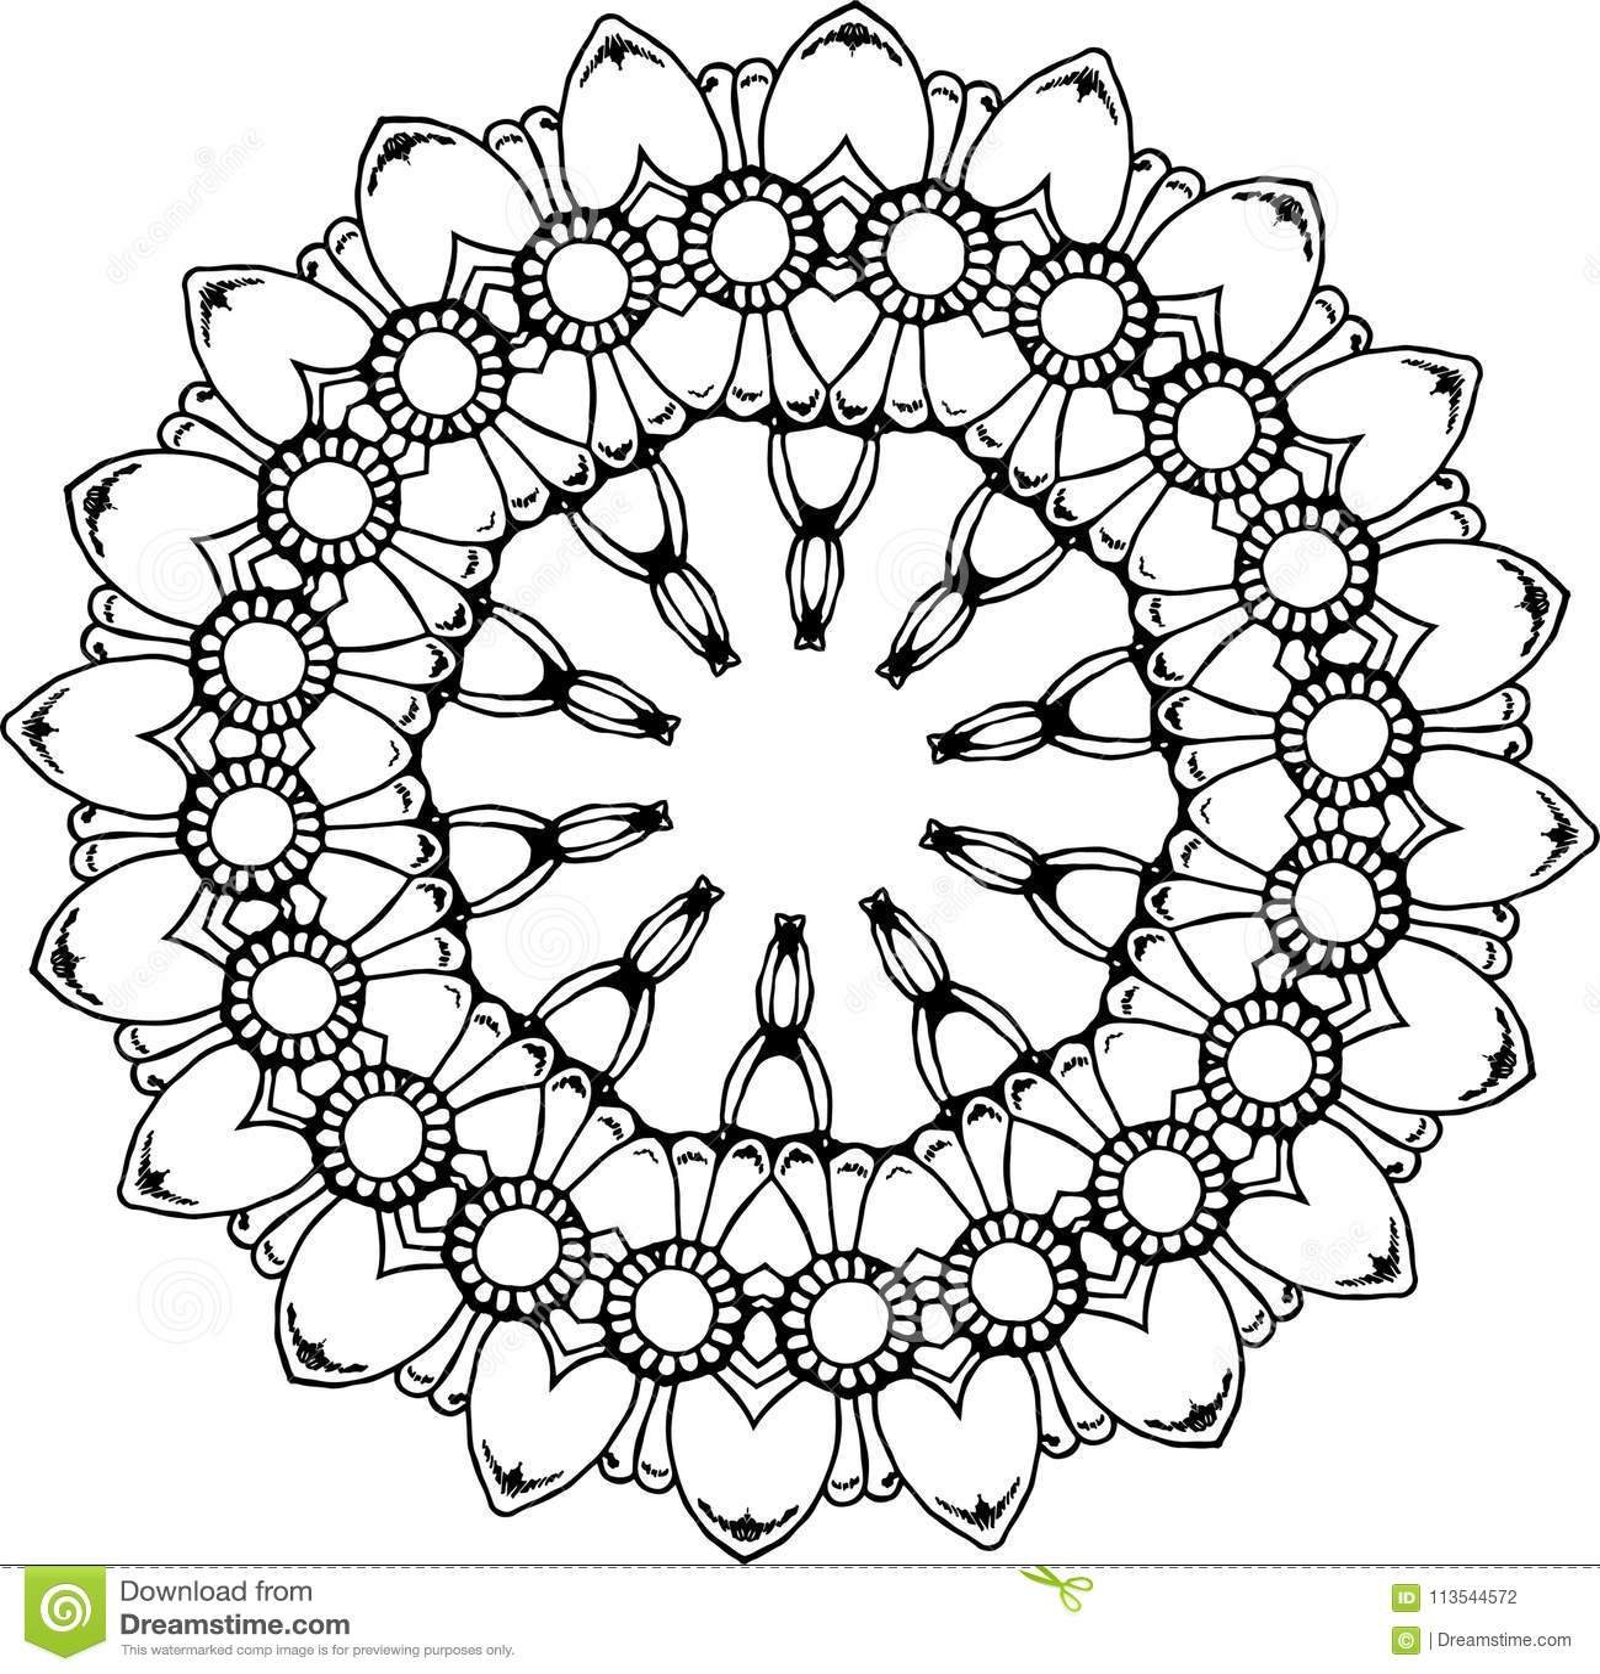 Svartvit illustration av en mandala - en blomma av liv kosmiskt avstånd